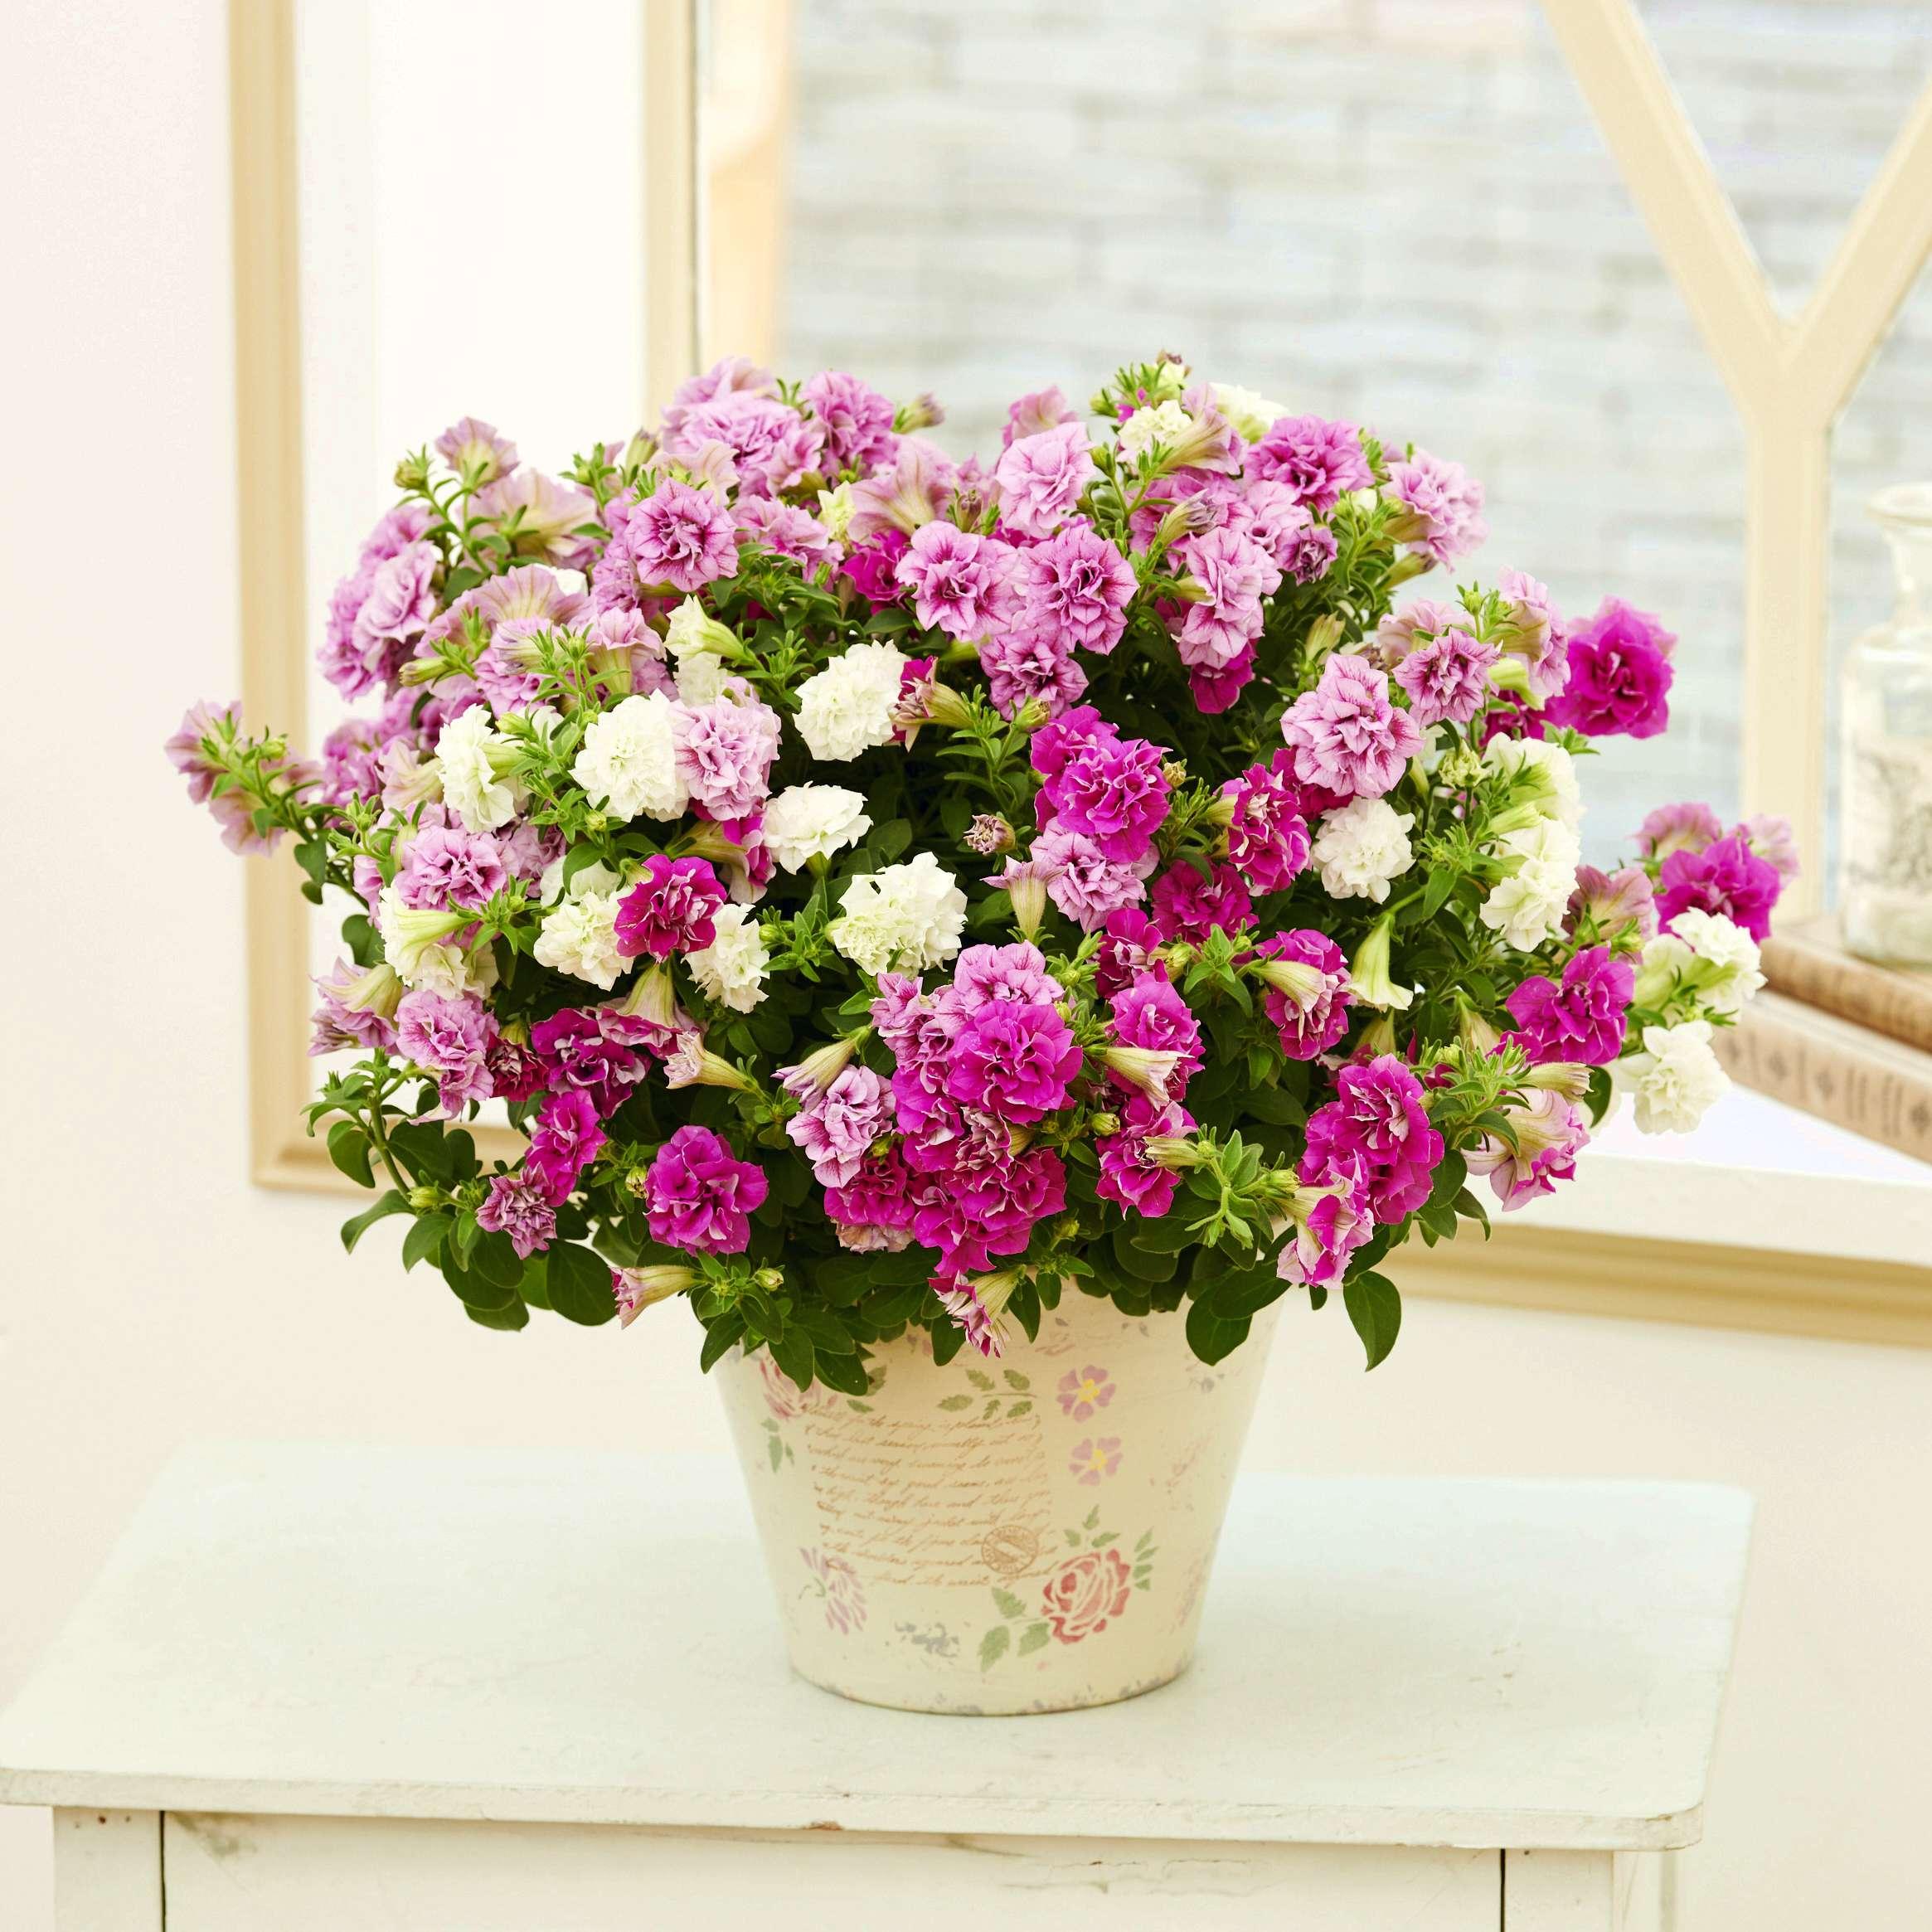 ディノスの母の日 フリル咲き サフィニア 八重咲き 花 生花 鉢花 鉢植え ピンク系 プレゼント FP5107